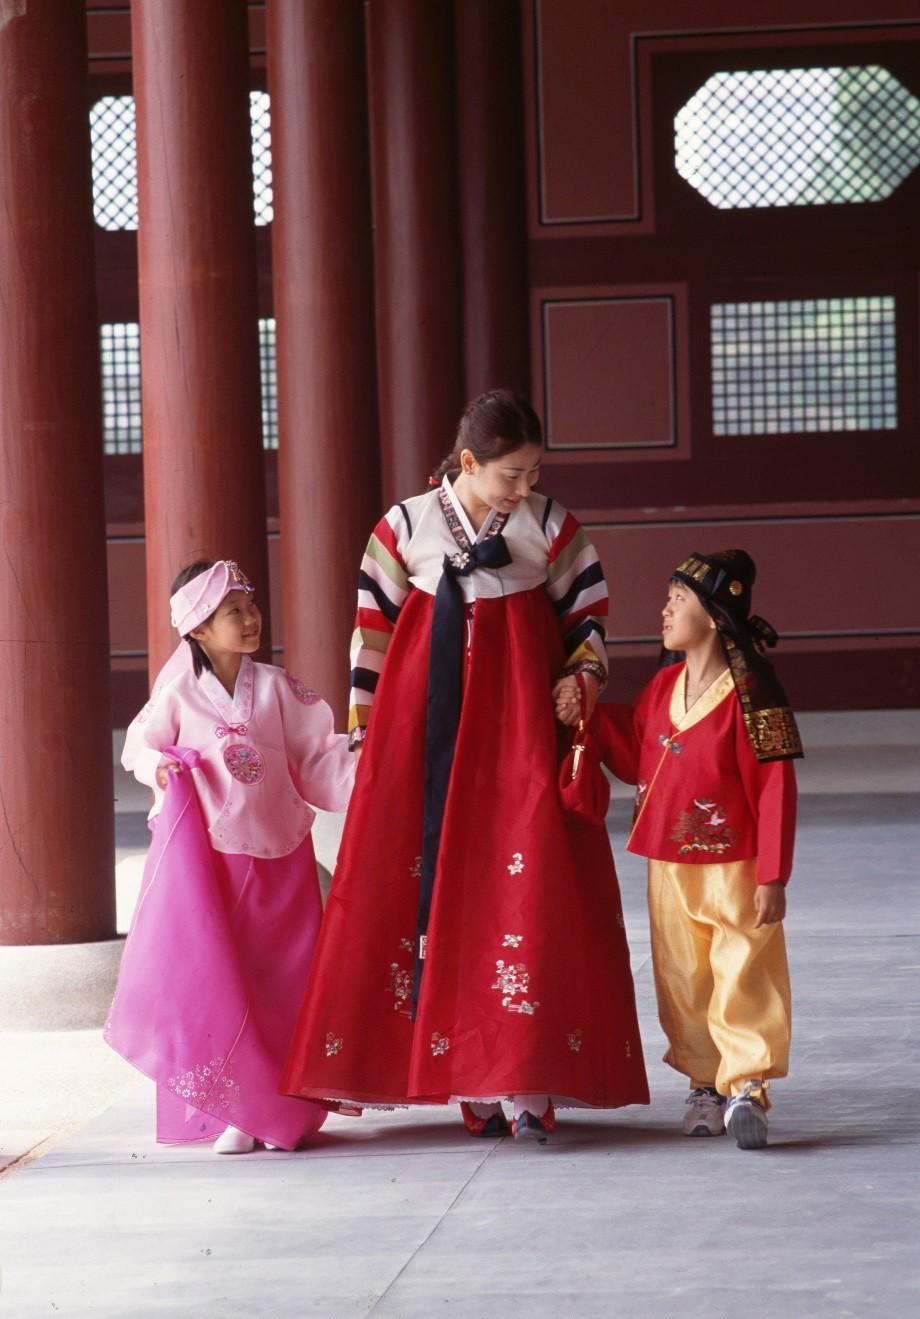 Háo hức không khí đón Tết cổ truyền khắp Đông Bắc Á - Ảnh 3.